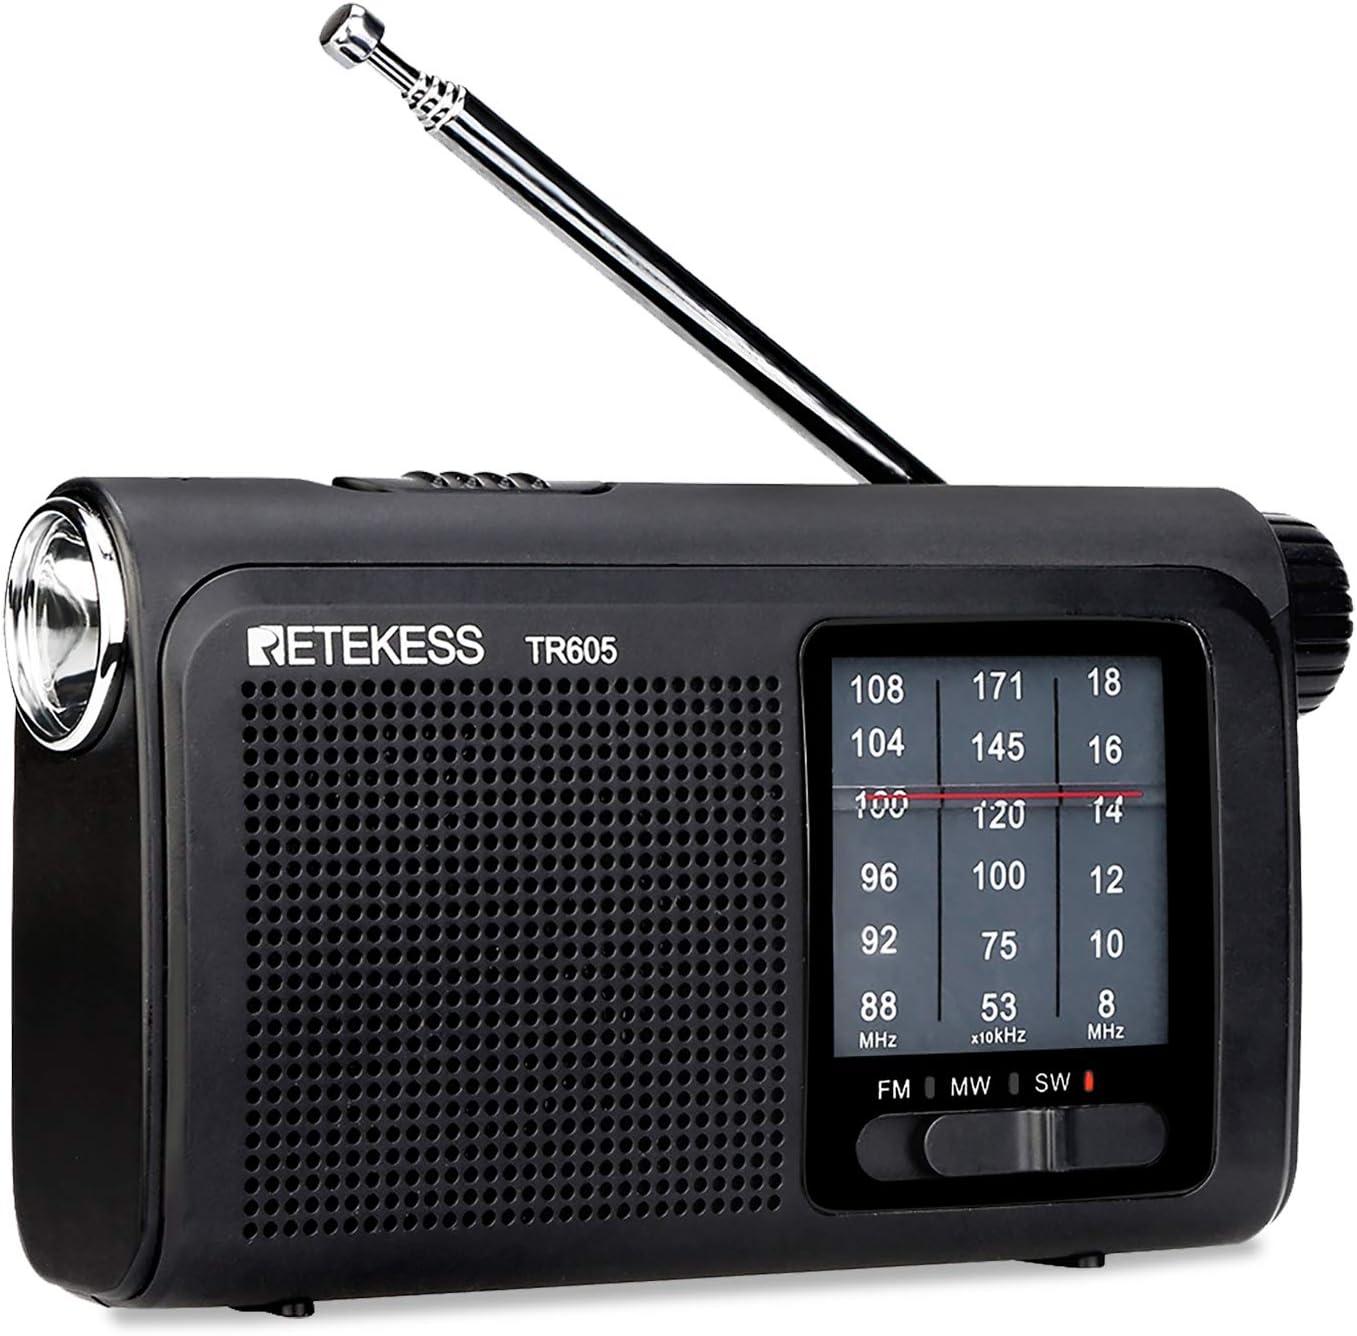 Retekess TR605 Radios portátiles con la mejor recepción AM FM SW funciona con batería con linterna LED de emergencia, batería recargable para ...